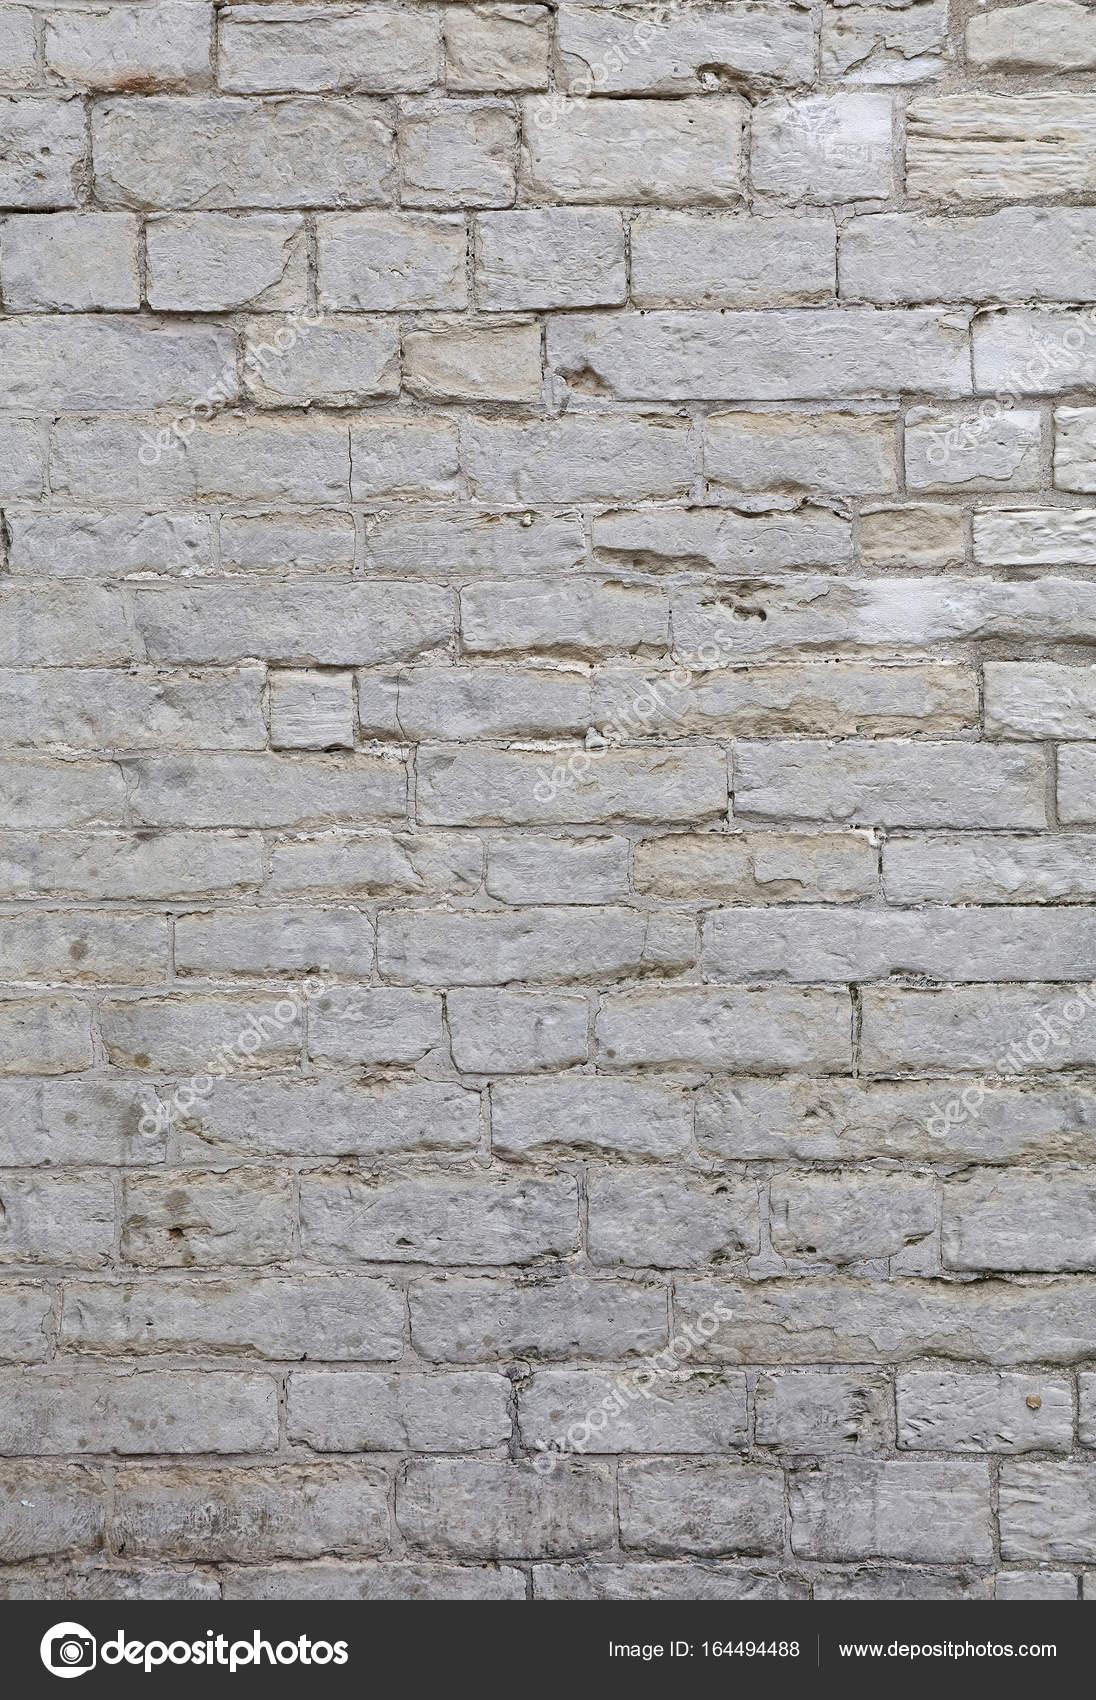 Mur de briques Pierre de travertin blanc adarce — Photographie ...